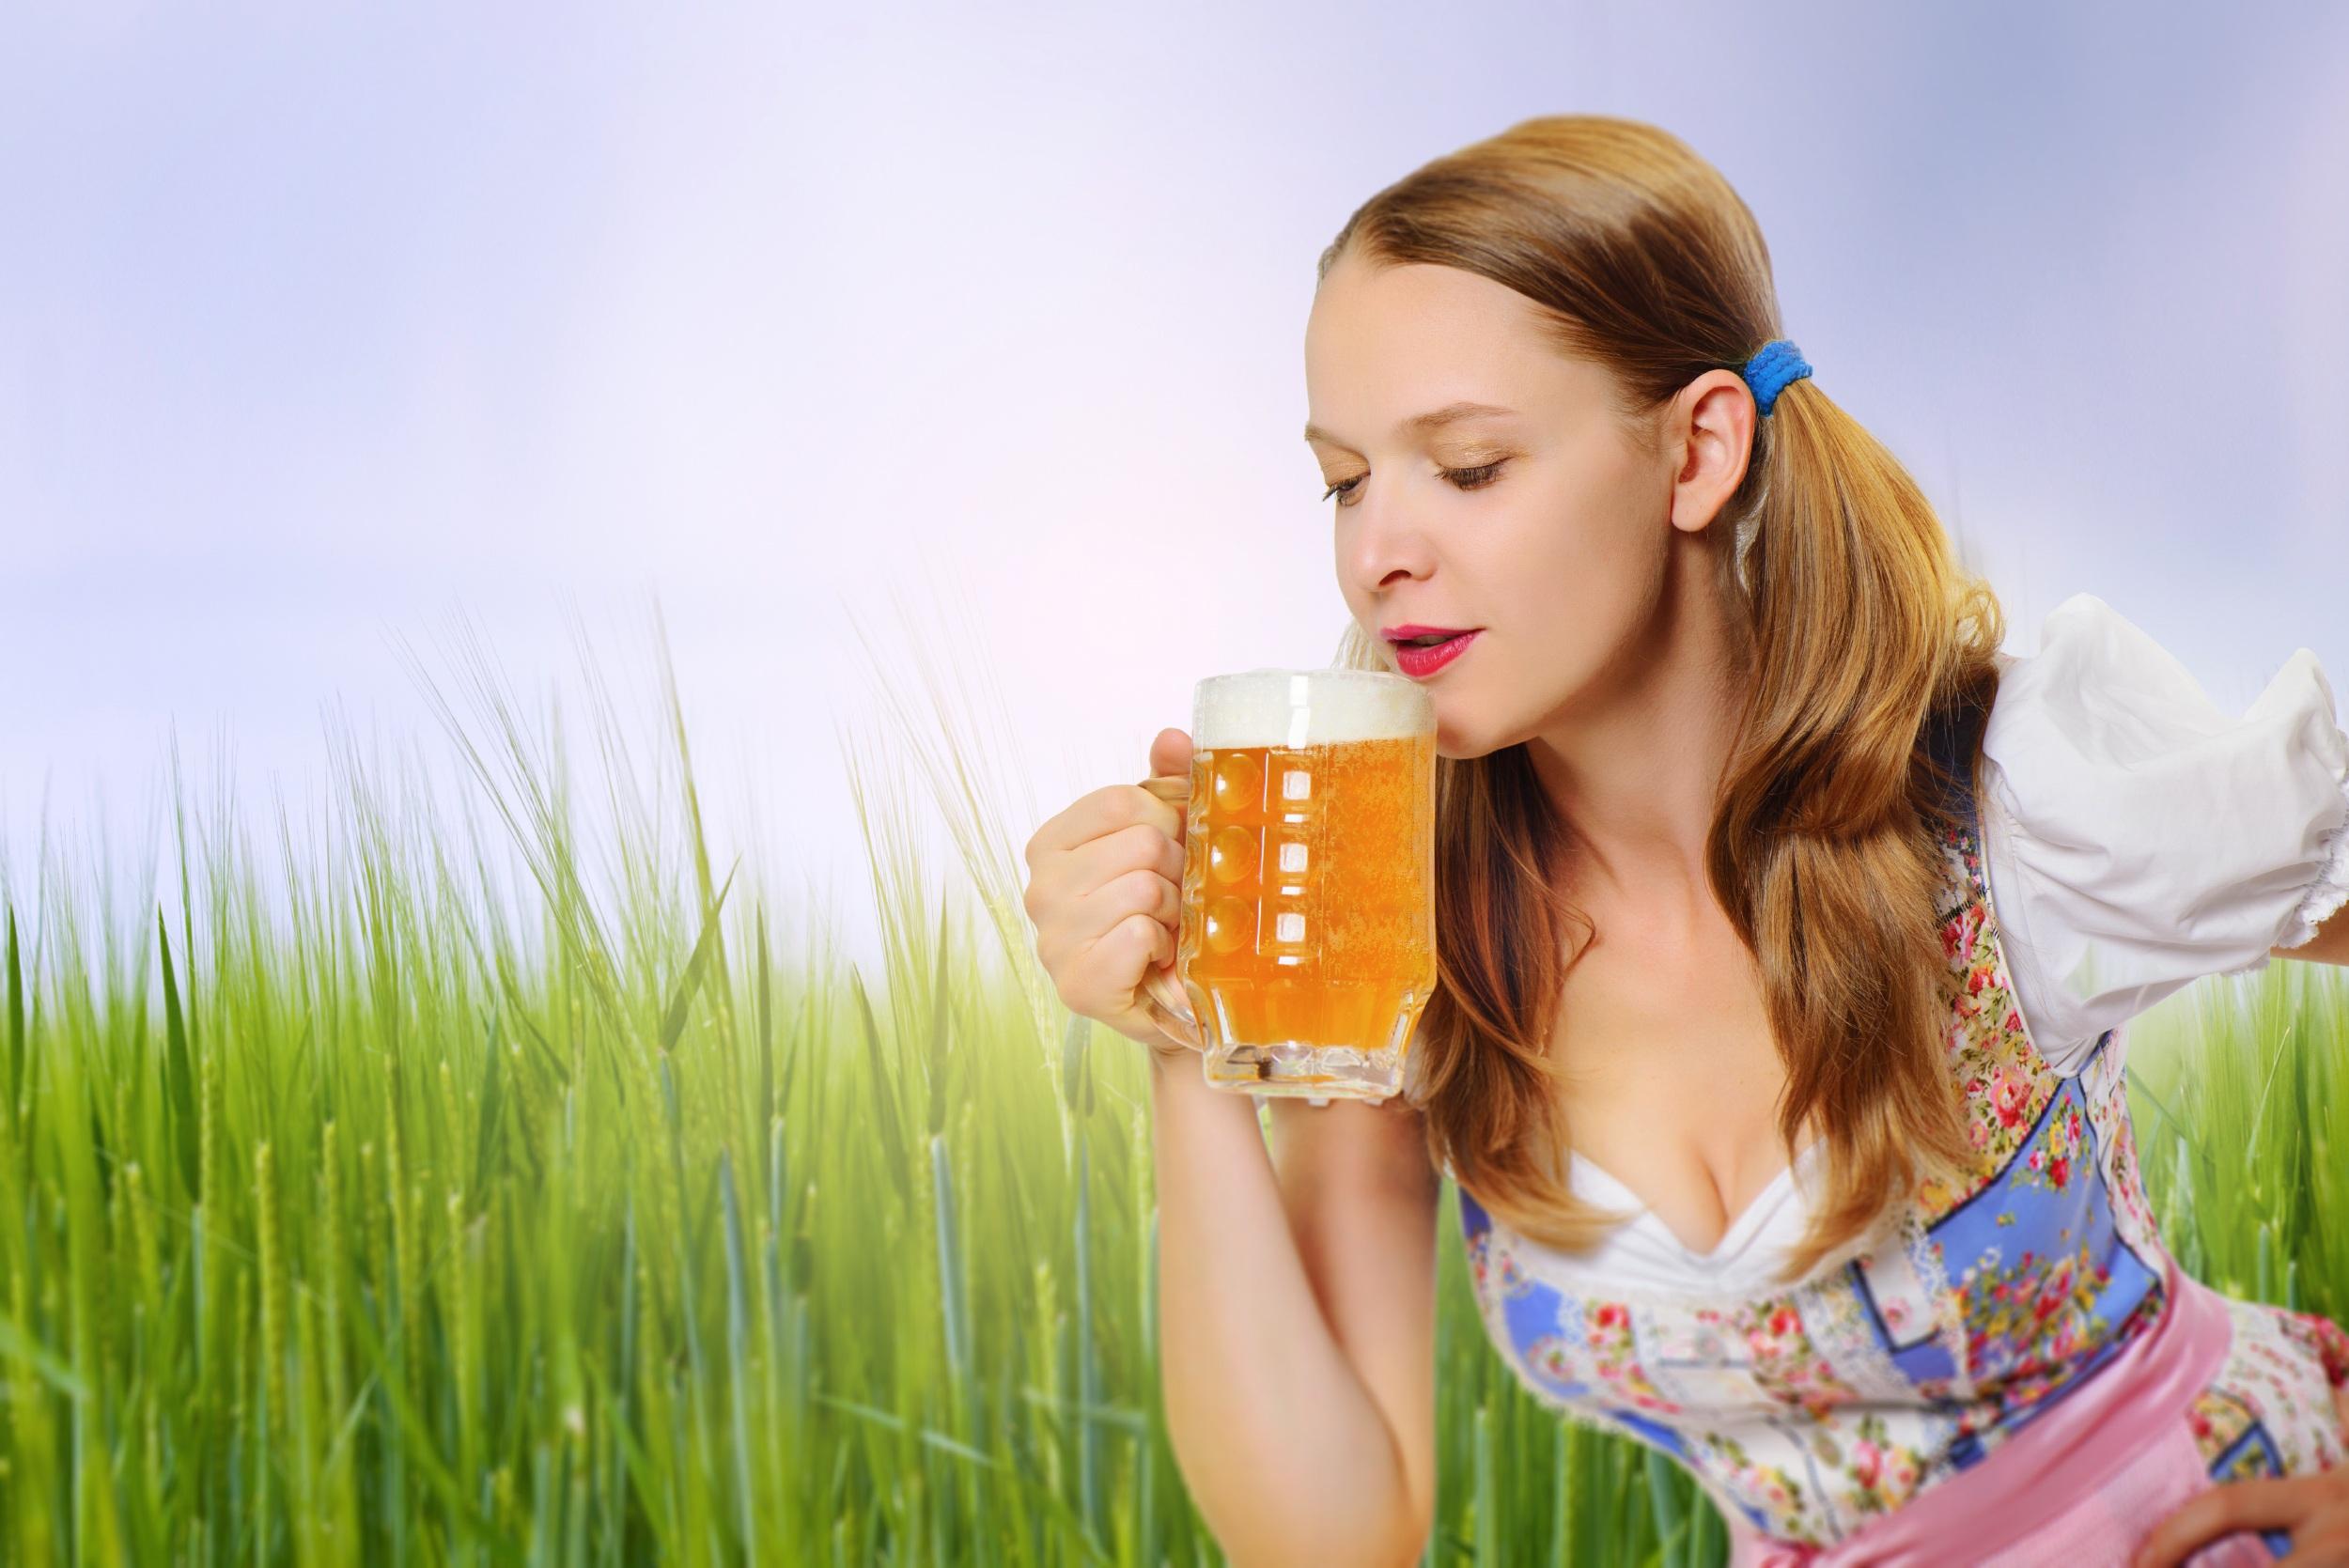 Картинка Шатенка Официантка Пиво Девушки Руки Кружка 2500x1669 шатенки официантки девушка молодая женщина молодые женщины рука кружки кружке